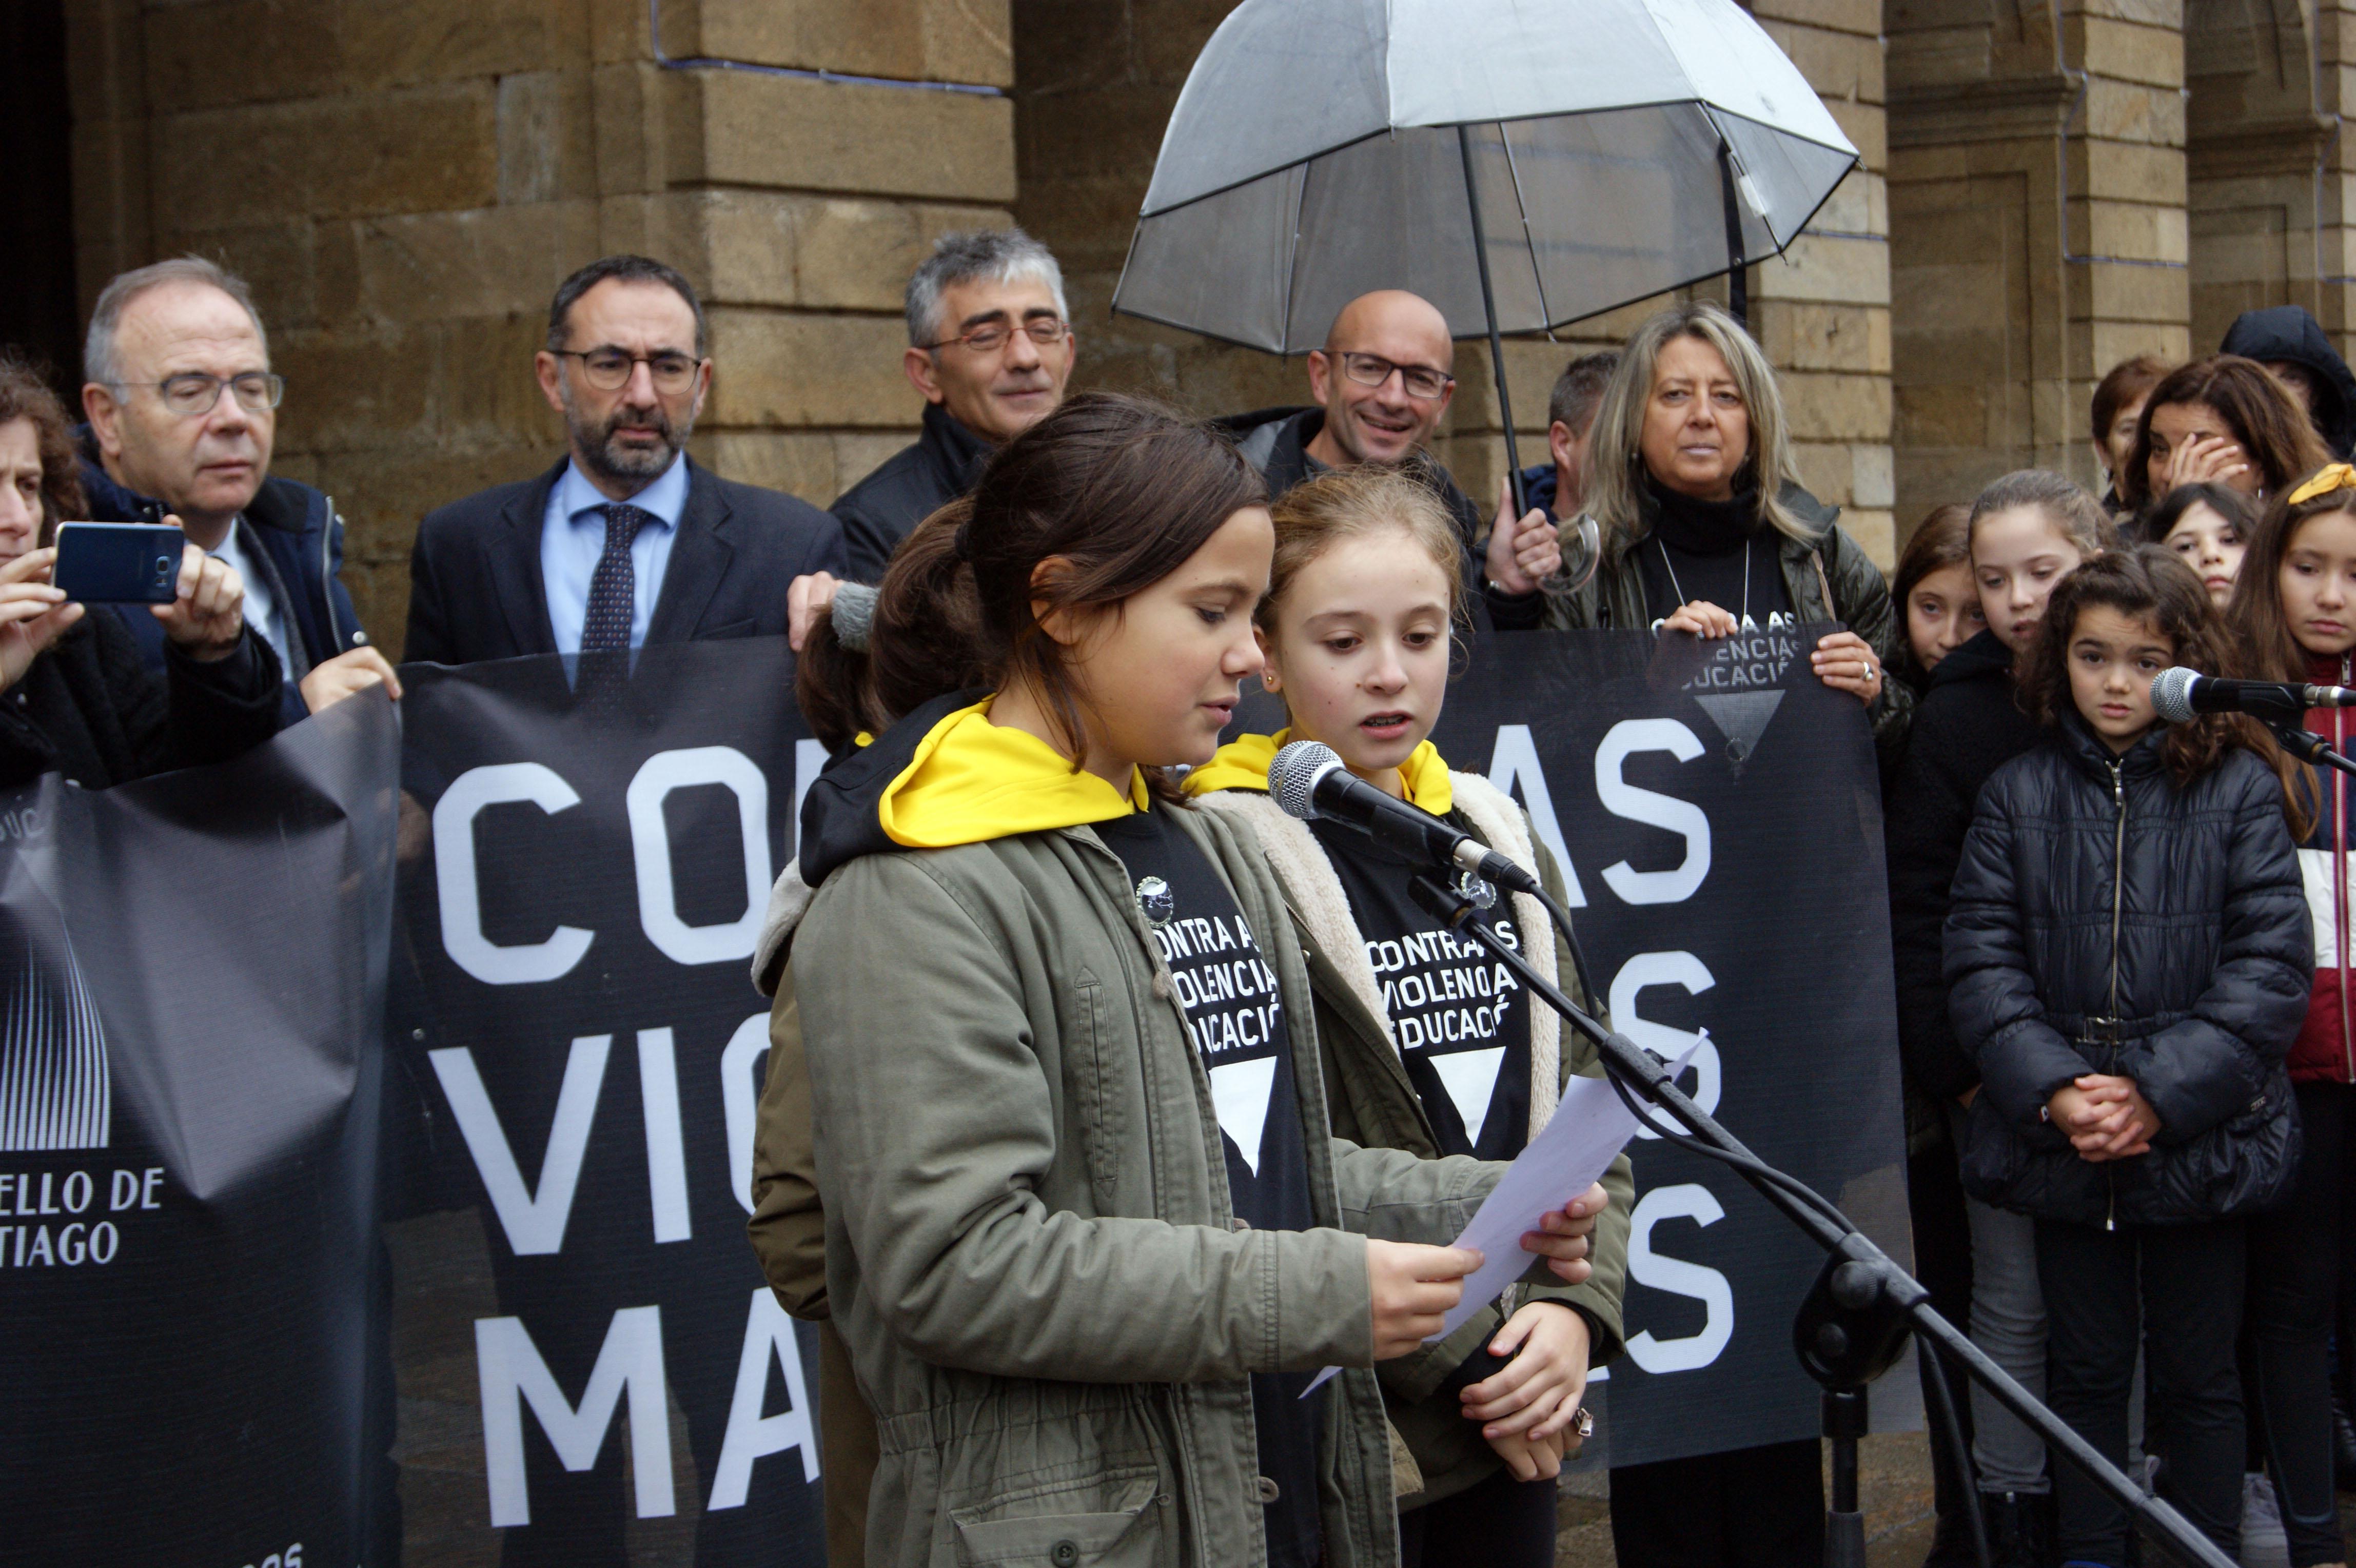 Carla García, Sofía Novais e Mara García, do CPR Vilas Alborada.